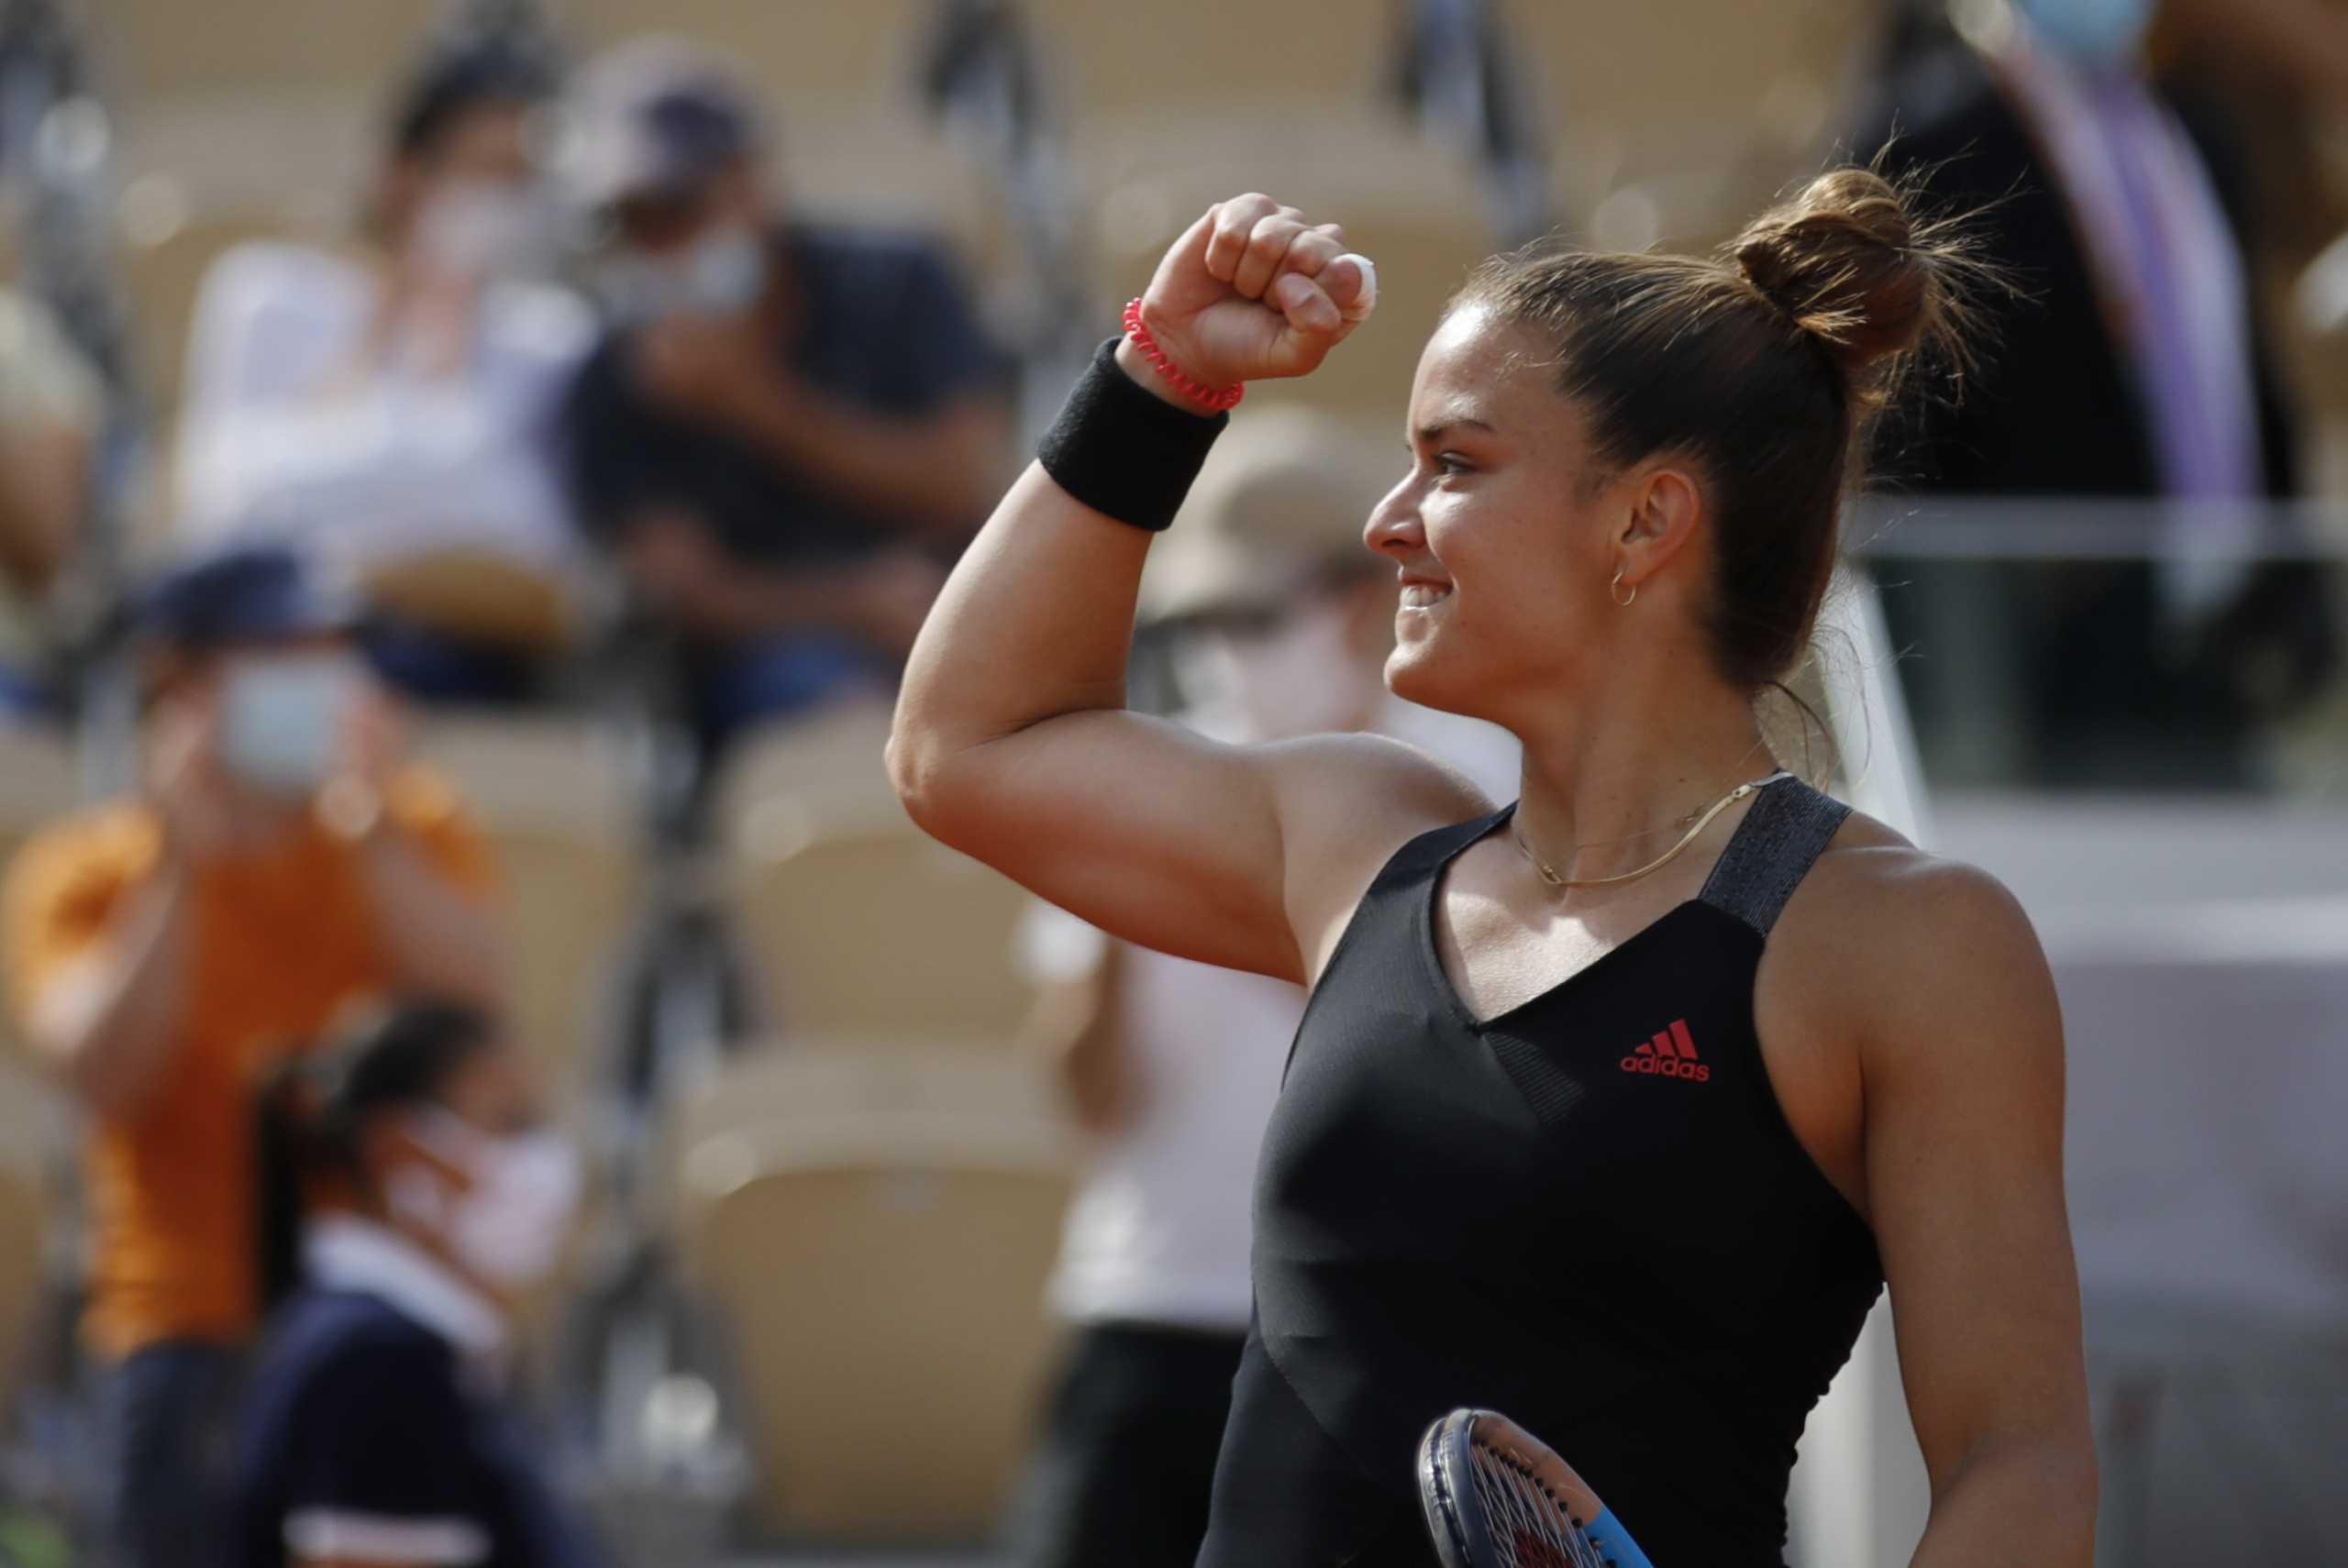 Μαρία Σάκκαρη – Σοφία Κένιν: Τα highlights της ιστορικής πρόκρισης στα προημιτελικά του Roland Garros